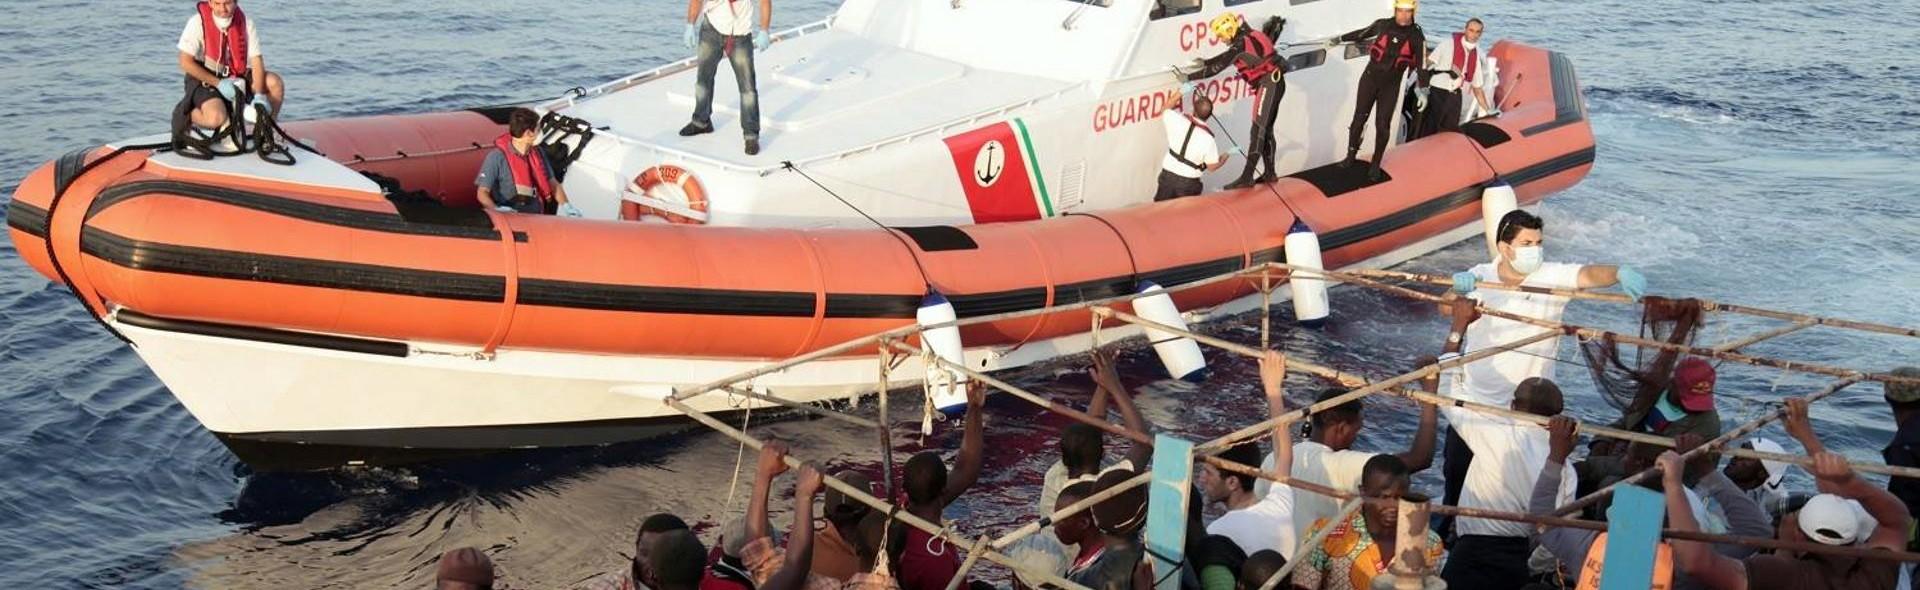 OPET TRAGEDIJA U SREDOZEMNOM MORU Utopilo se najmanje 40 migranata